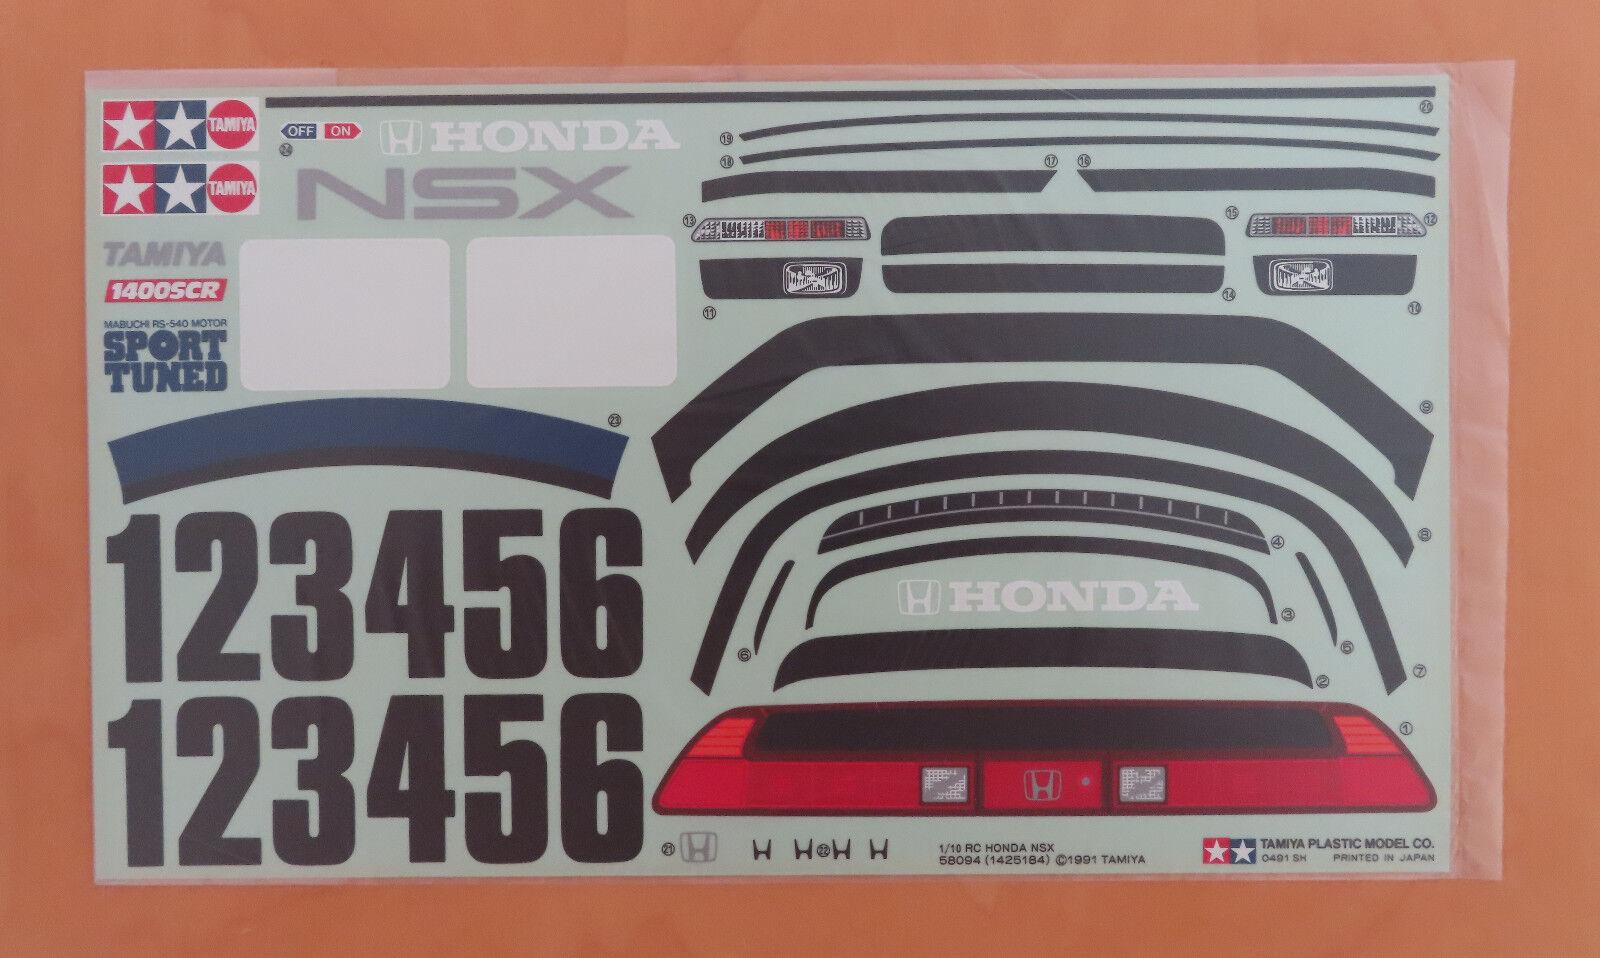 Radio Control Tamiya Calcomanía Honda NSX 58094 NEU NUEVO en Caja 1991